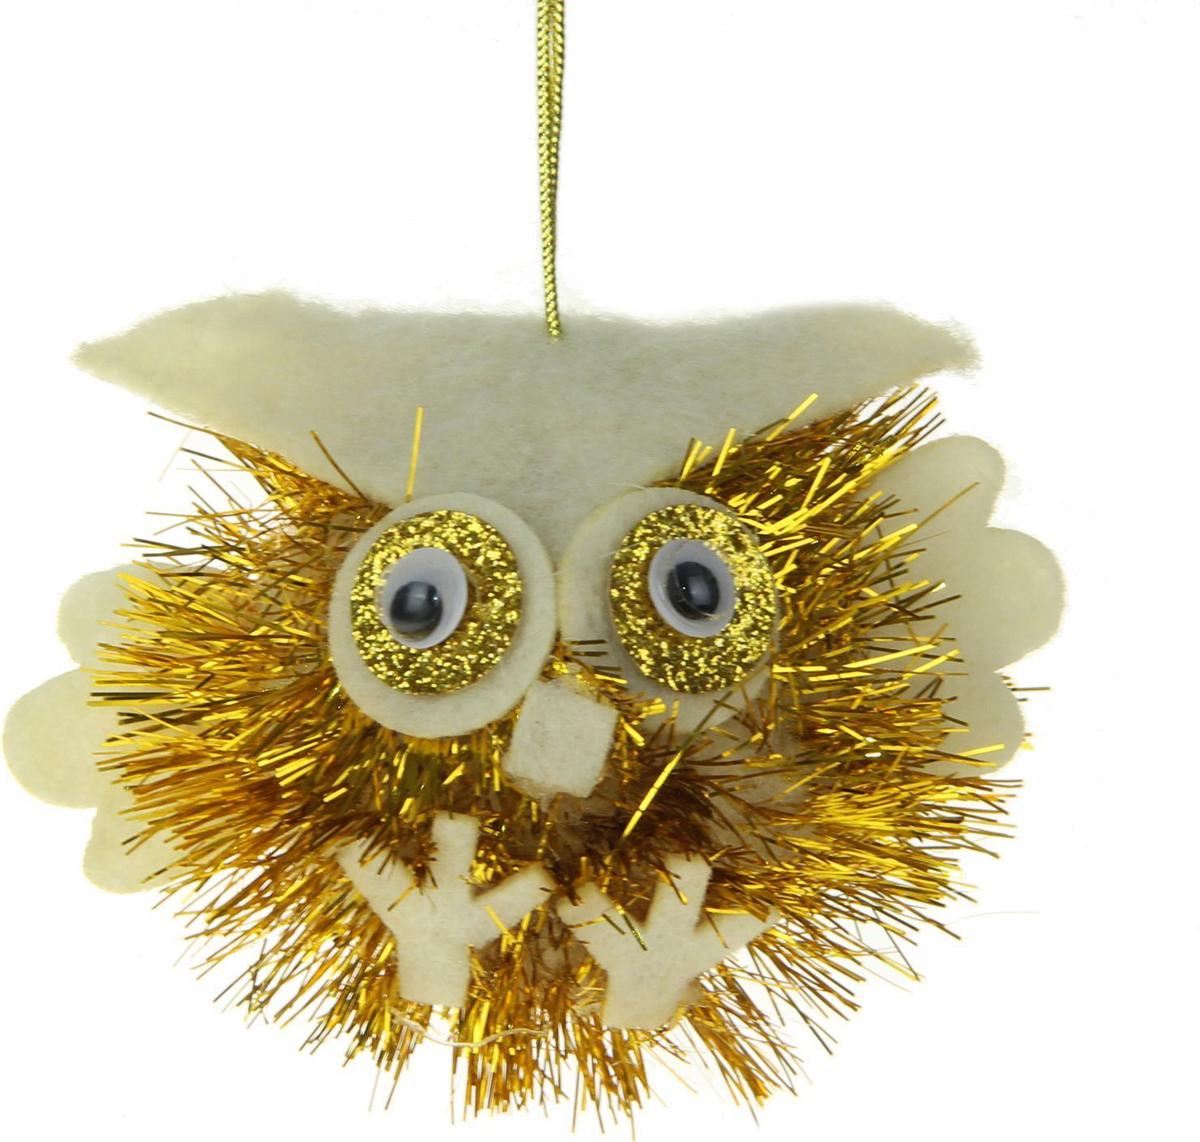 Новогоднее подвесное украшение Sima-land Совенок. Блеск, цвет: золотистый, 6,5 х 10 см1381163Новогоднее украшение Sima-land отлично подойдет для декорации вашего дома и новогодней ели.Елочная игрушка - символ Нового года. Она несет в себе волшебство и красоту праздника. Такое украшение создаст в вашем доме атмосферу праздника, веселья и радости.